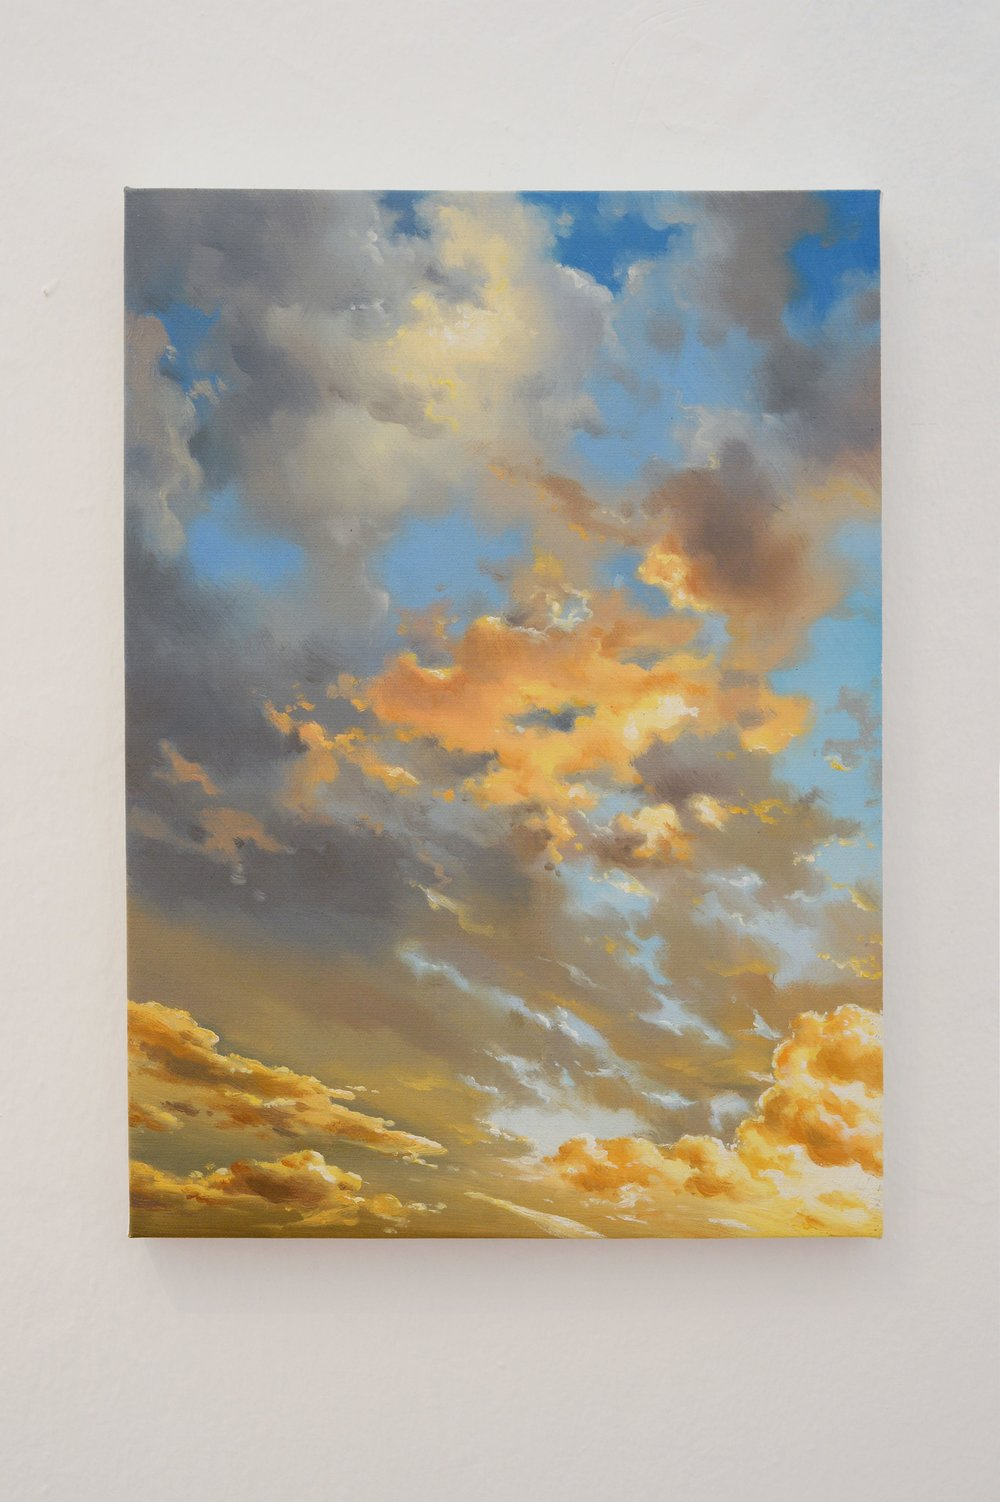 Cielo (Dafen),2017, huile sur toile, 46 x 33 cm